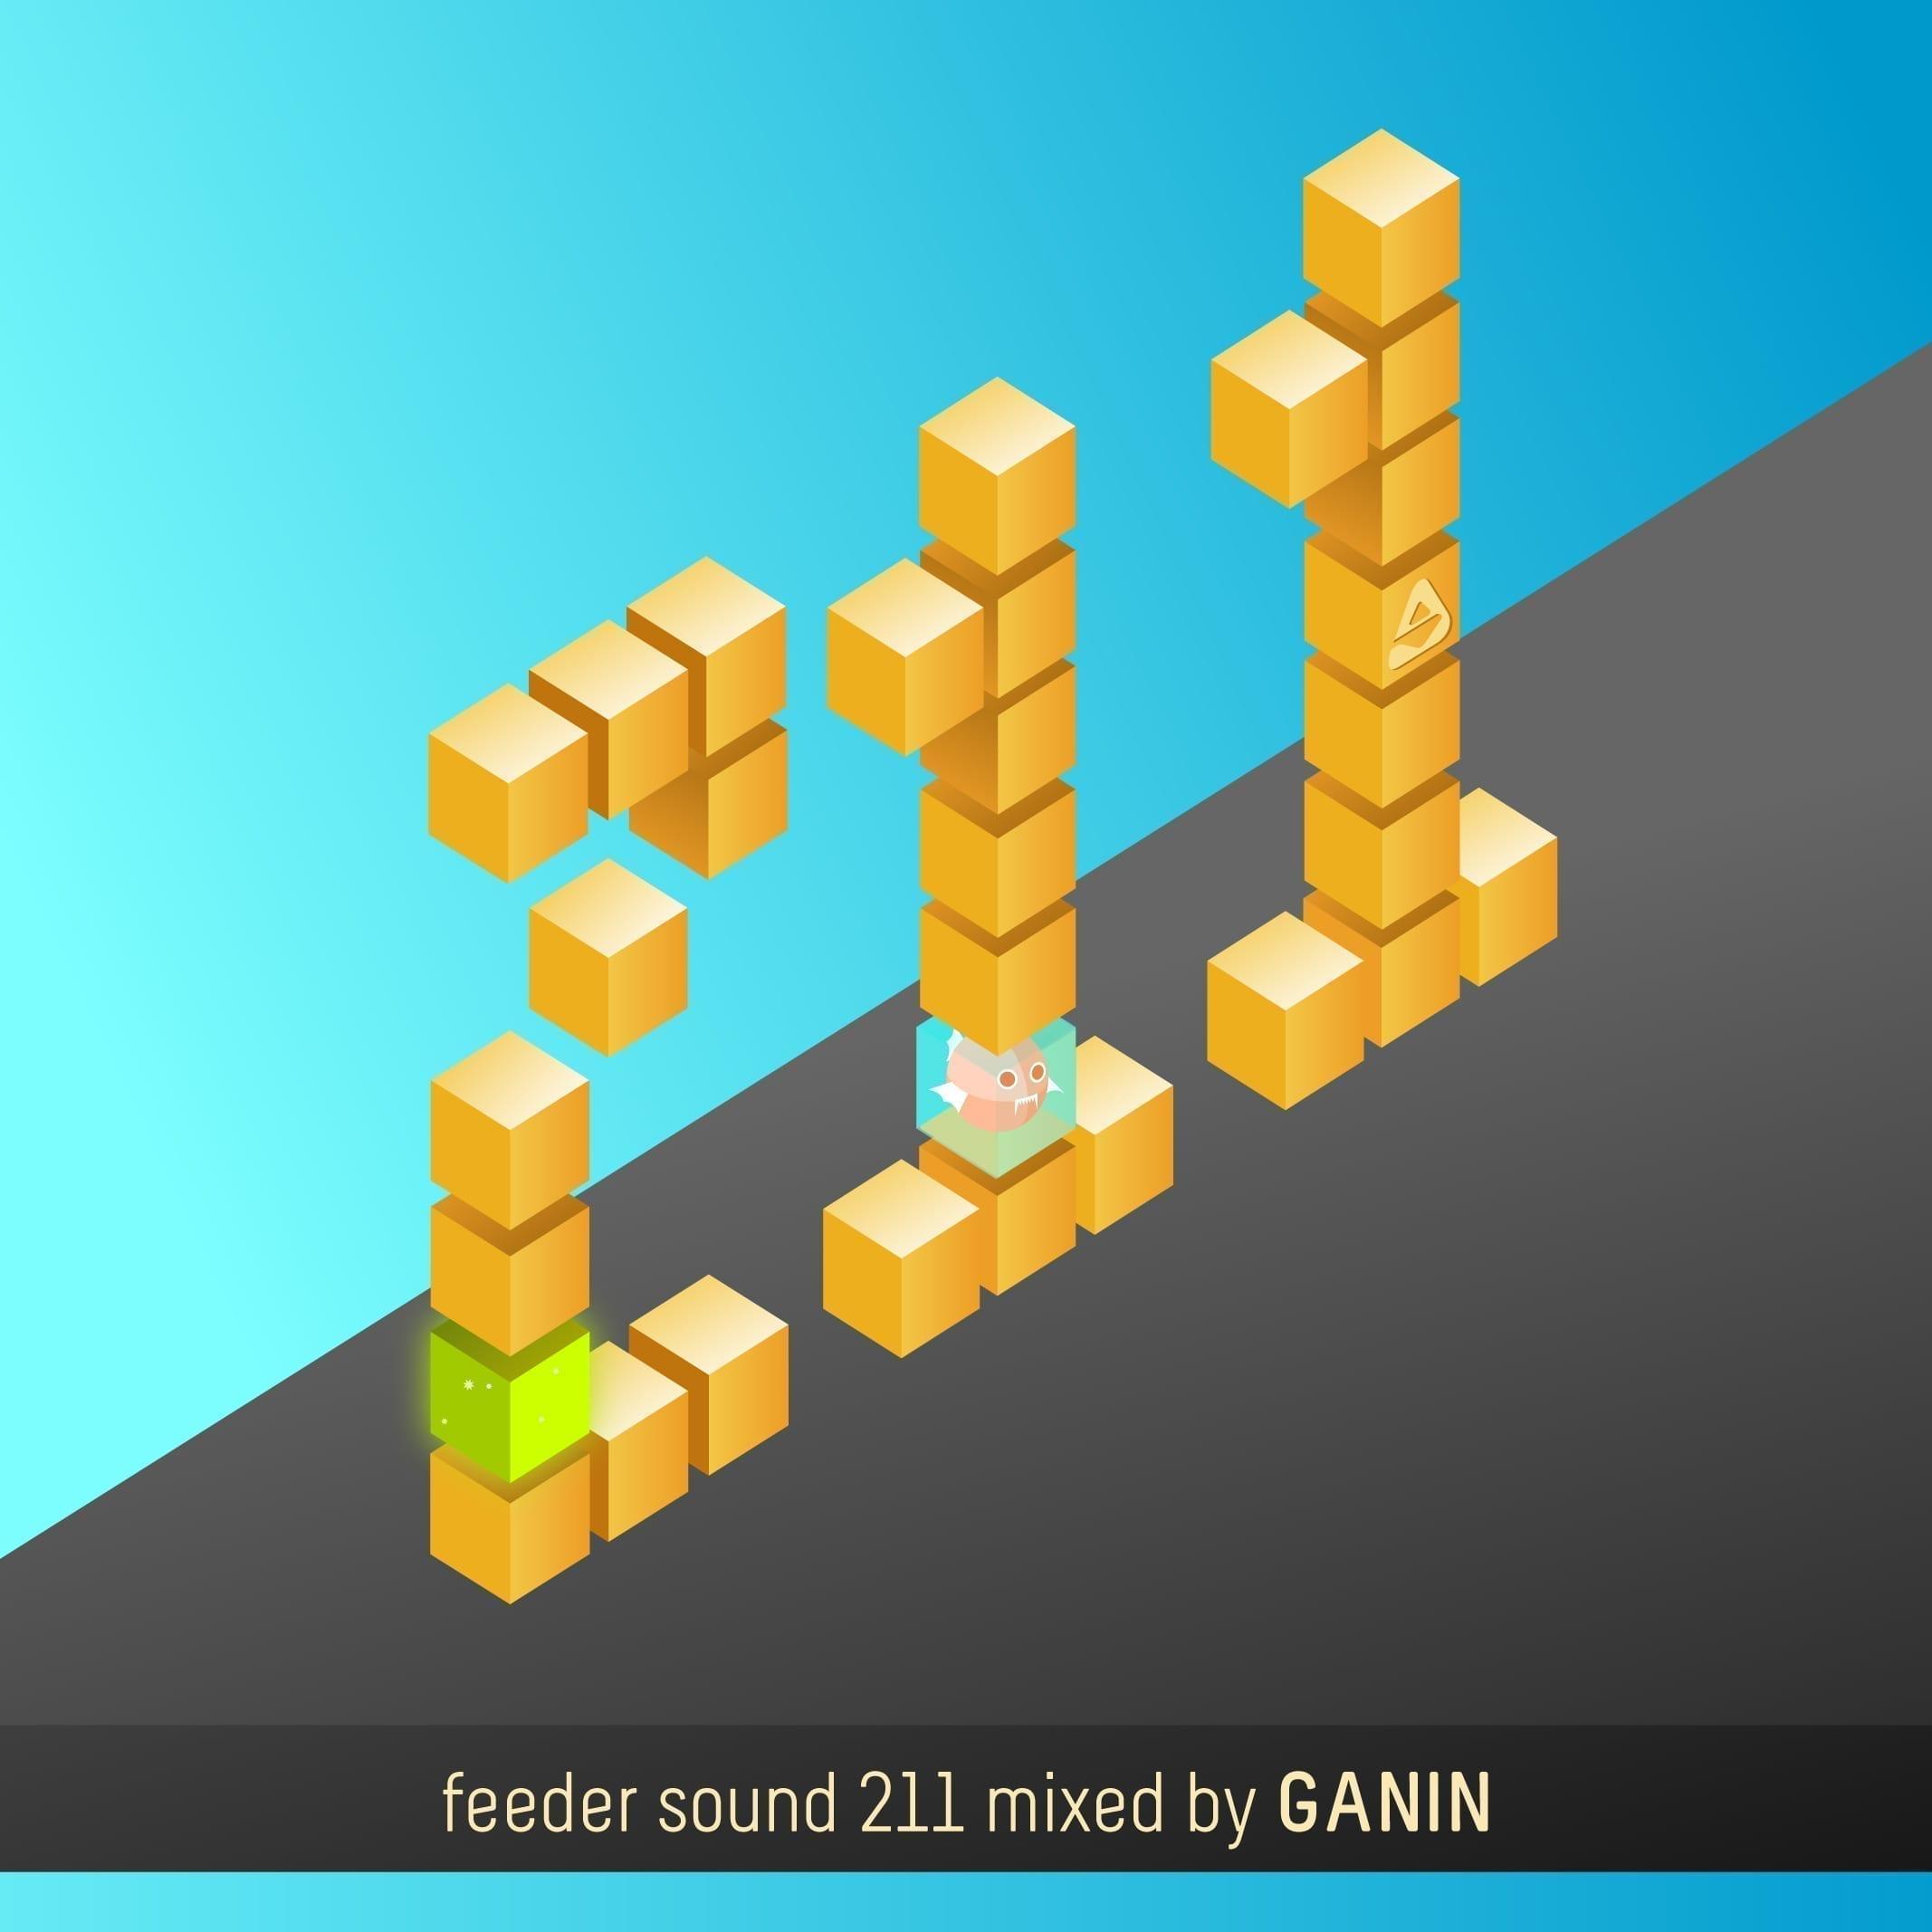 feeder sound 211 mixed by GANIN